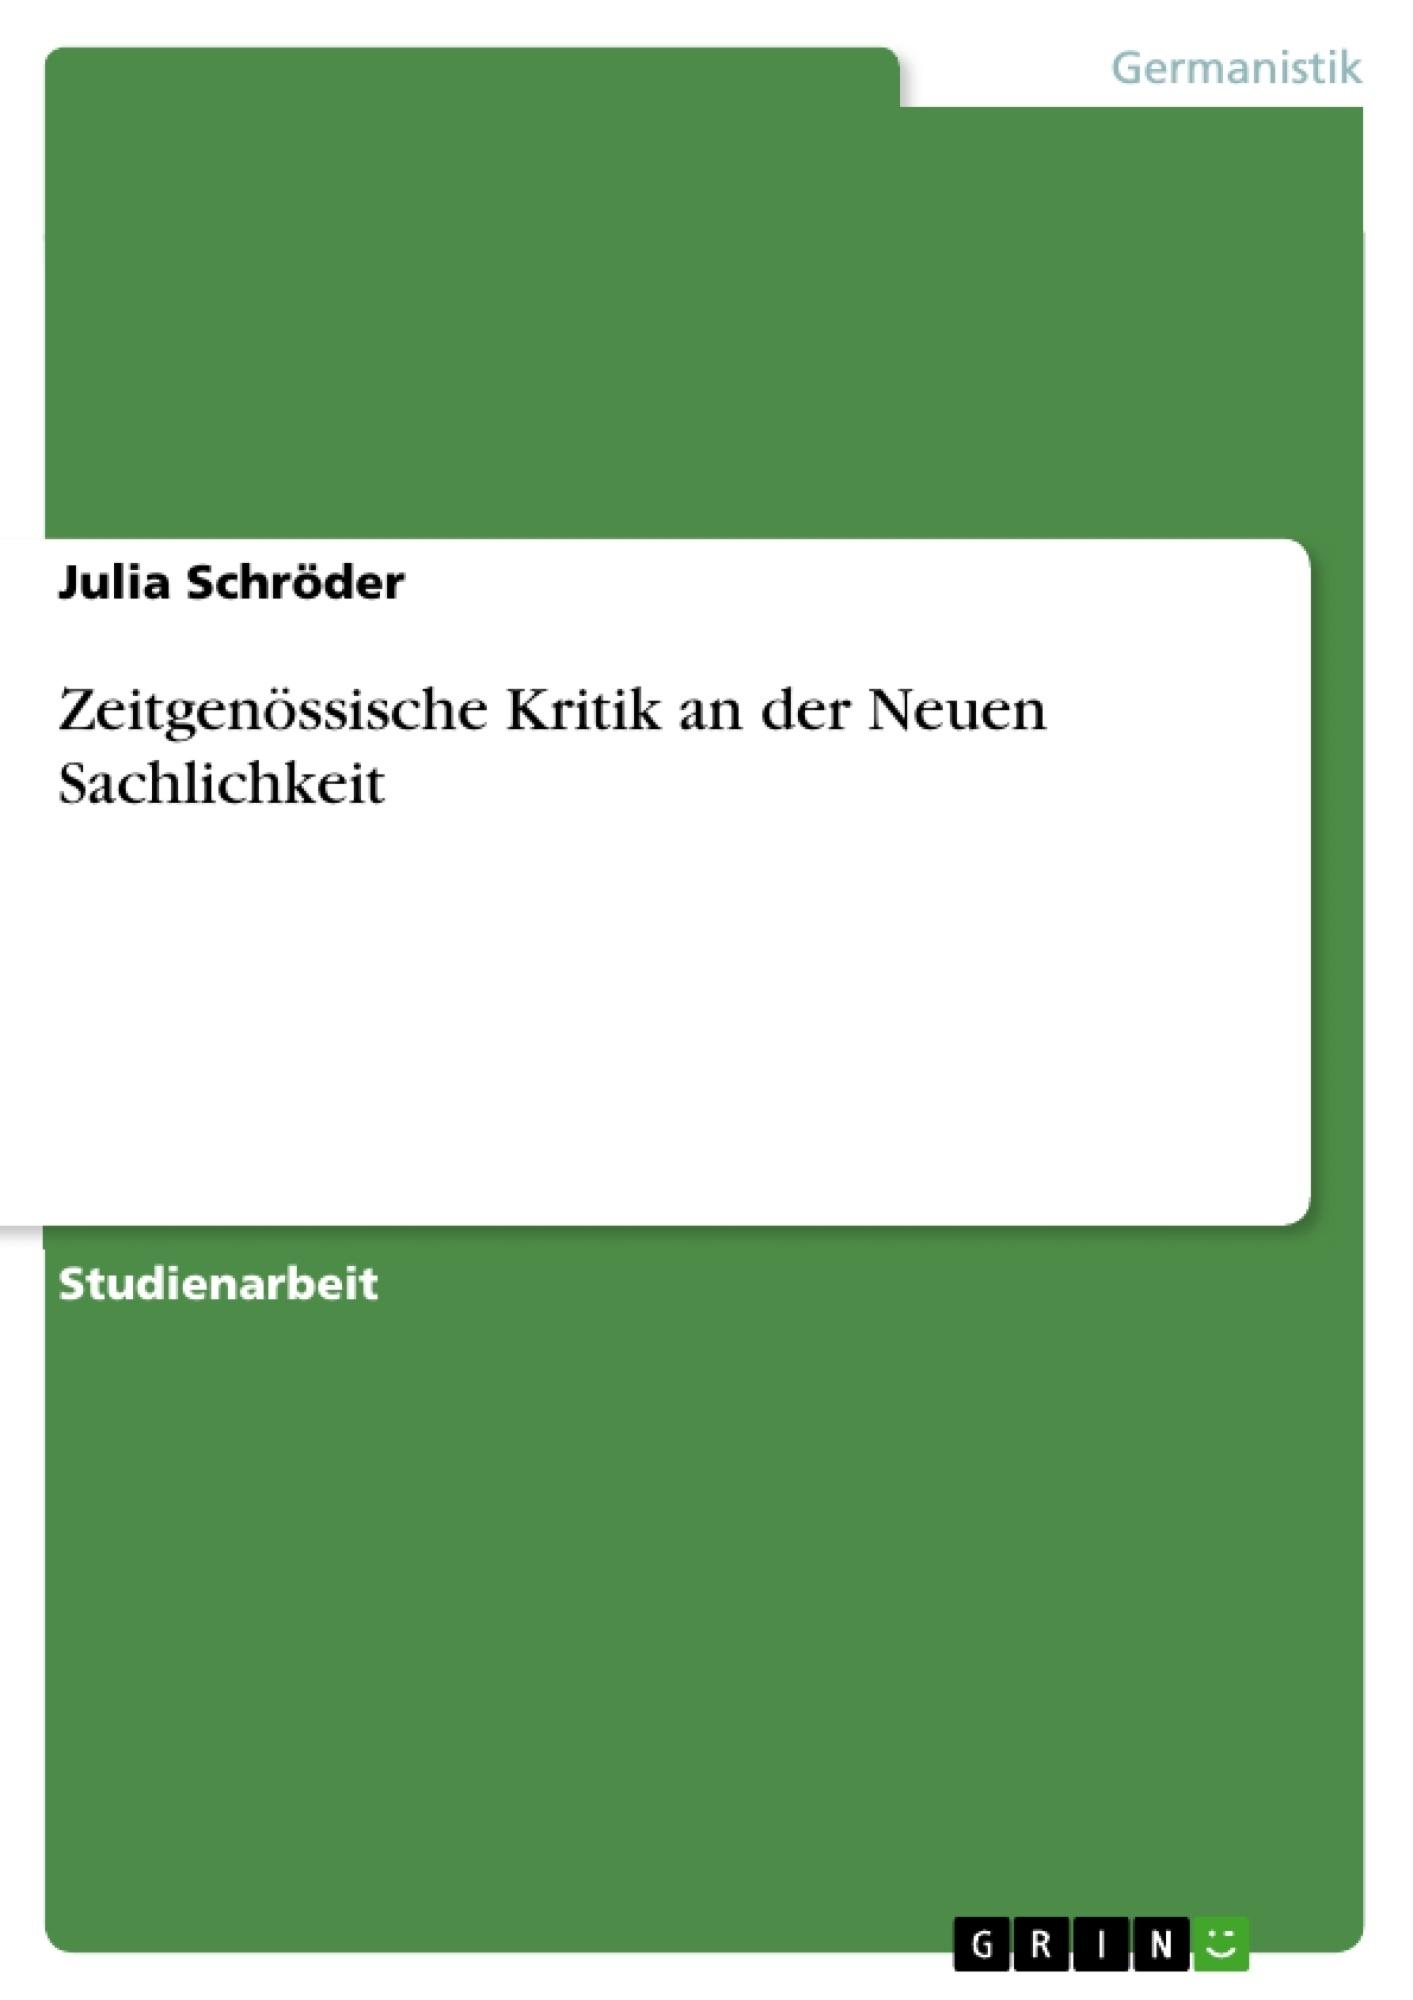 Titel: Zeitgenössische Kritik an der Neuen Sachlichkeit